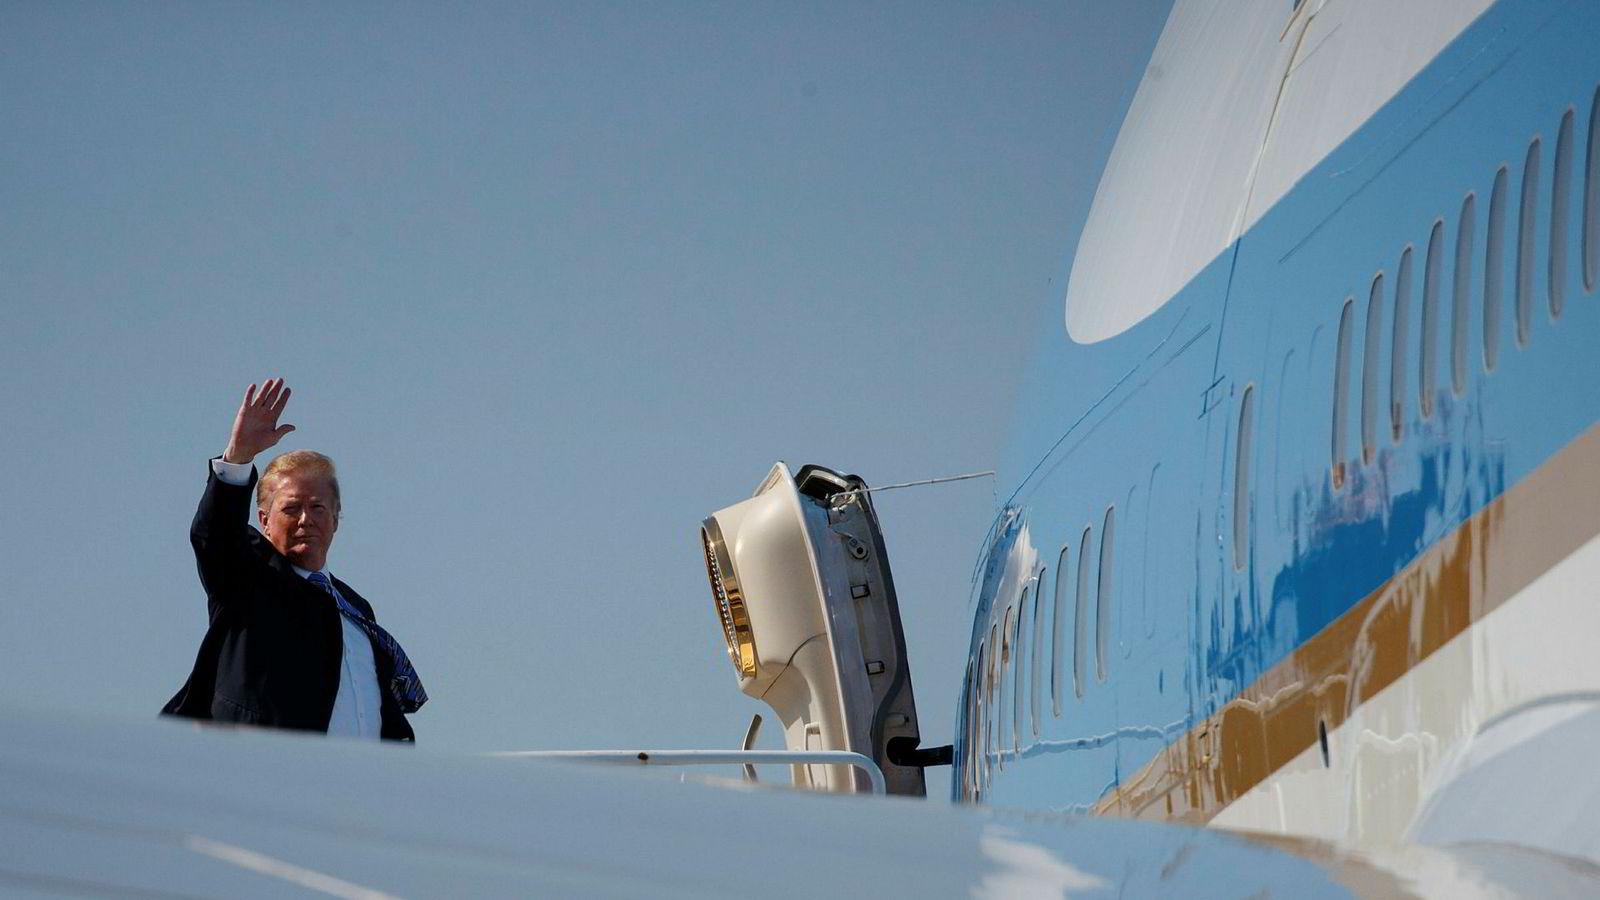 President Donald Trump flyr ofte, som her med Air Force One. Han har ingen formelle kvalifikasjoner innen luftfart.